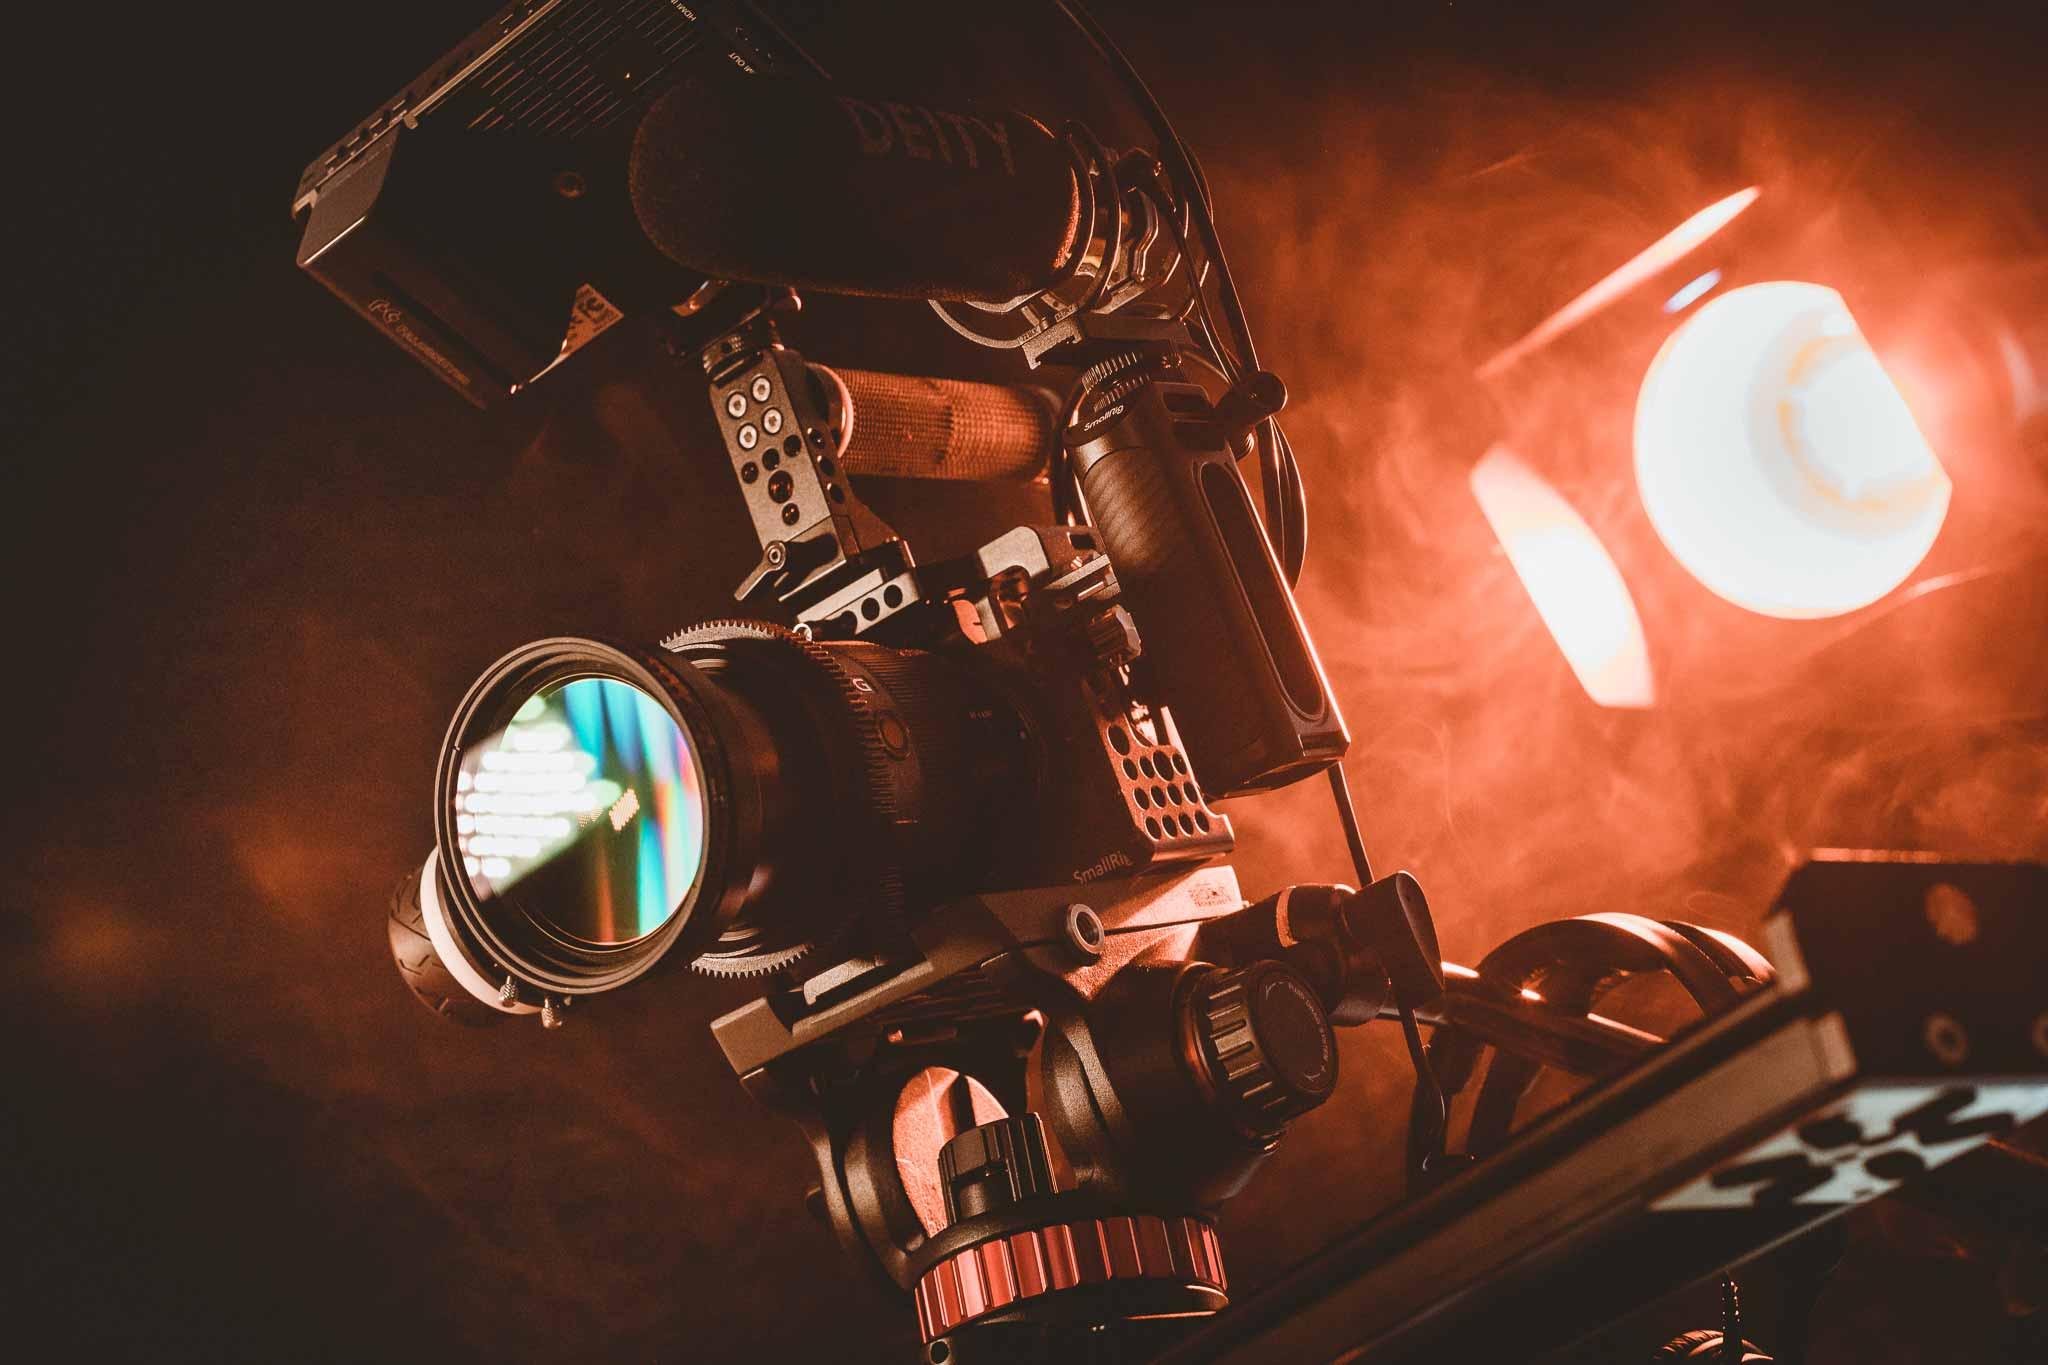 videocamera met lamp